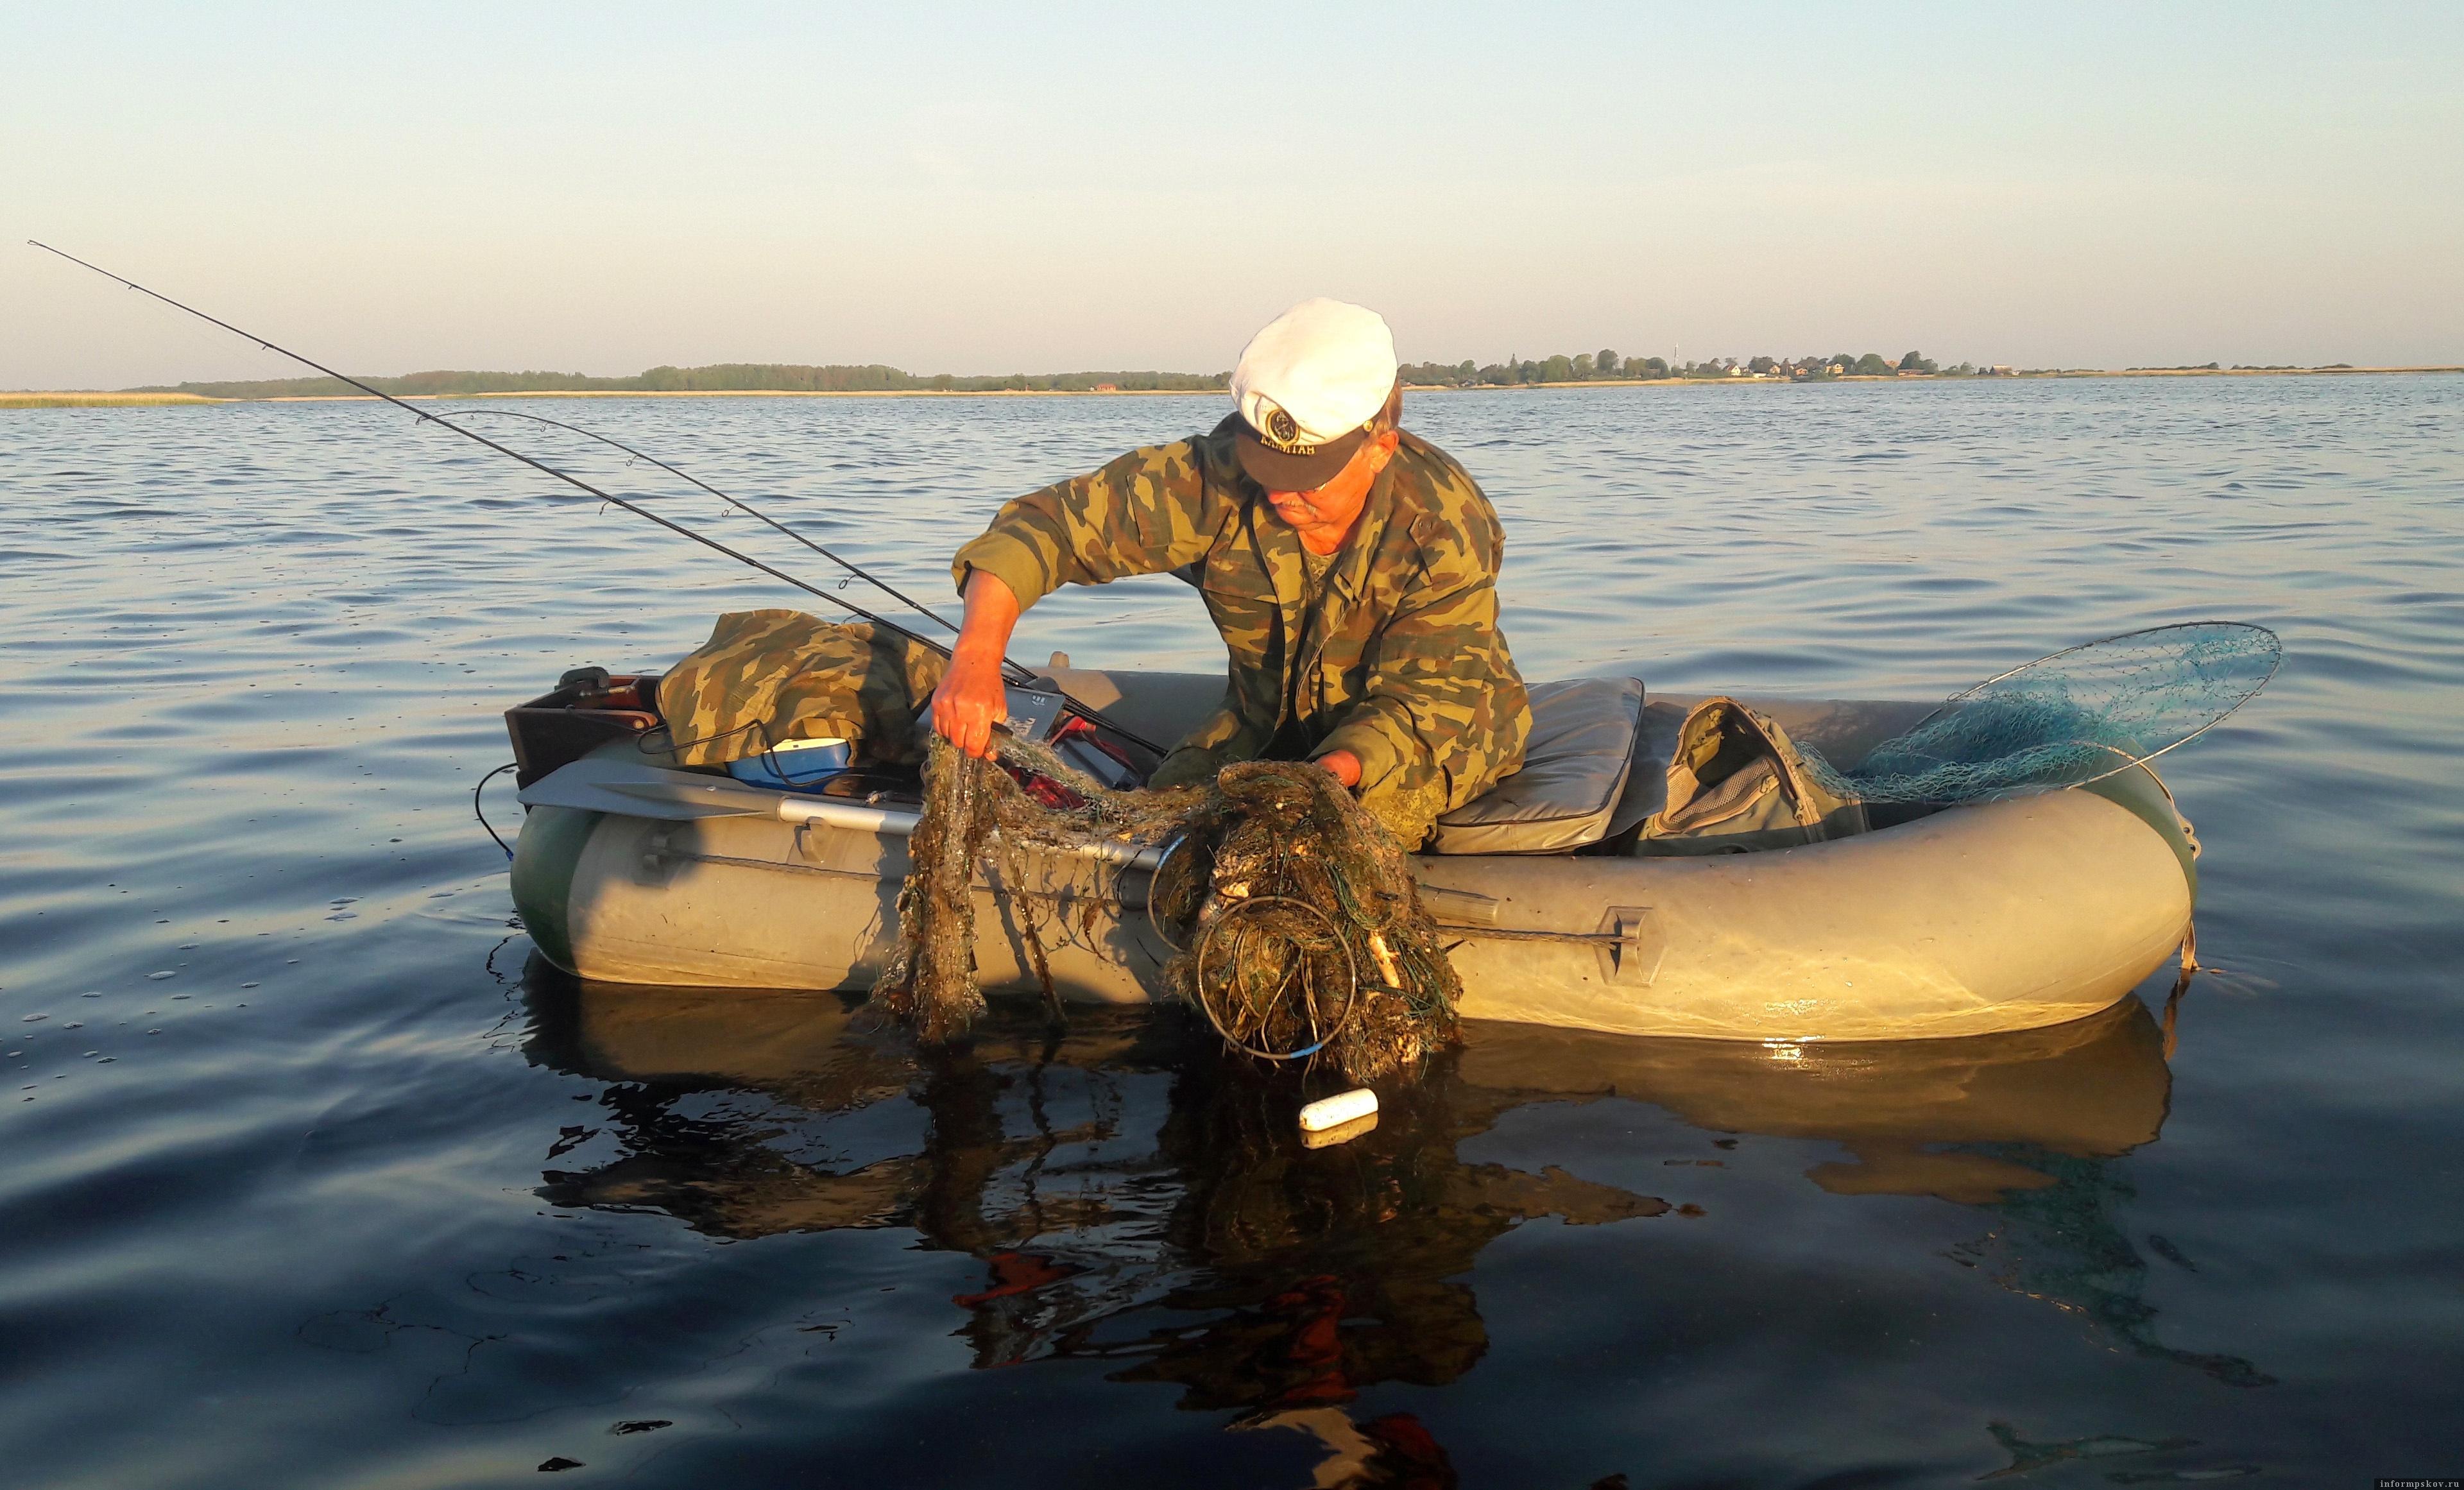 8 июня 2021 года, Раскопельский залив Чудского озера. В маленькой вёсельной лодке ПВХ нет места для транспортировки брошенных сетей. Но не оставлять же такие «бомбы» в заливе? Фото автора.